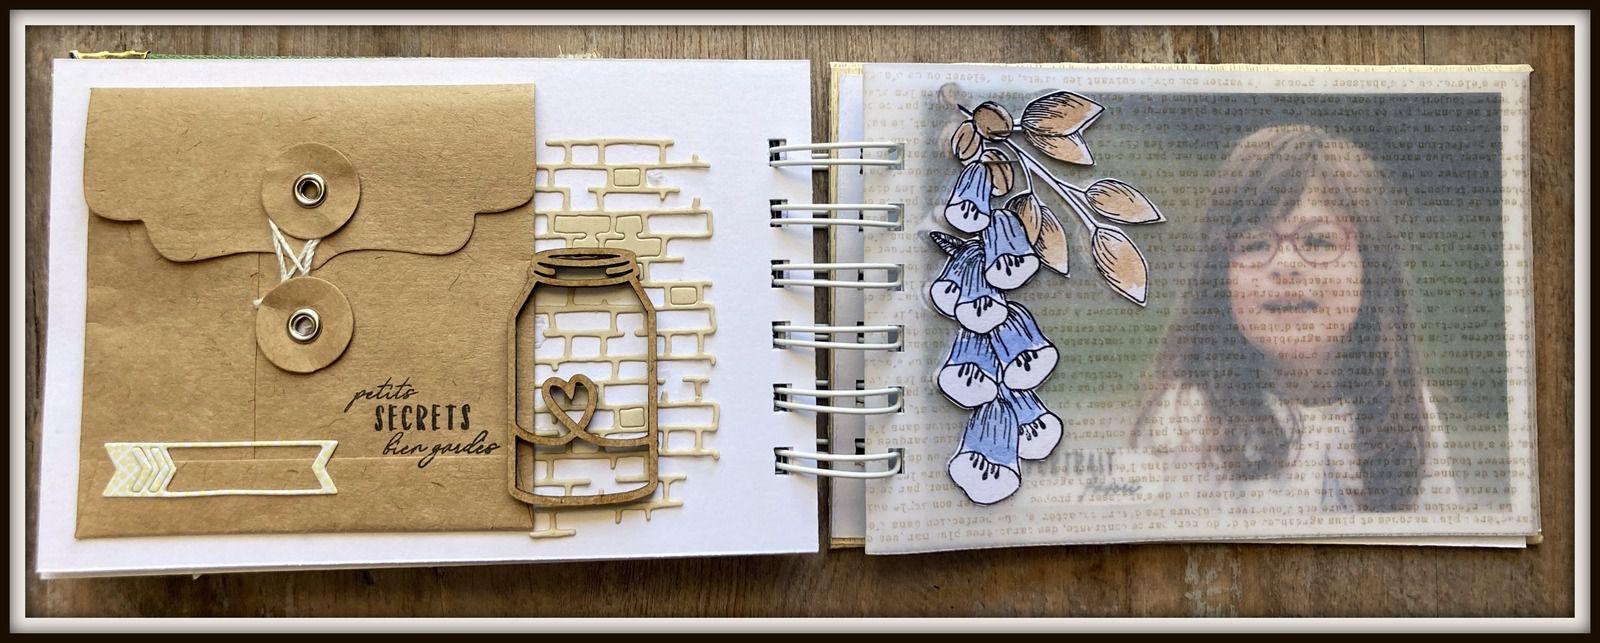 l'enveloppe Kraft contient 3 petites photos scrapées sur des tags... Une page calque recouvre en transparence la photo de droite.